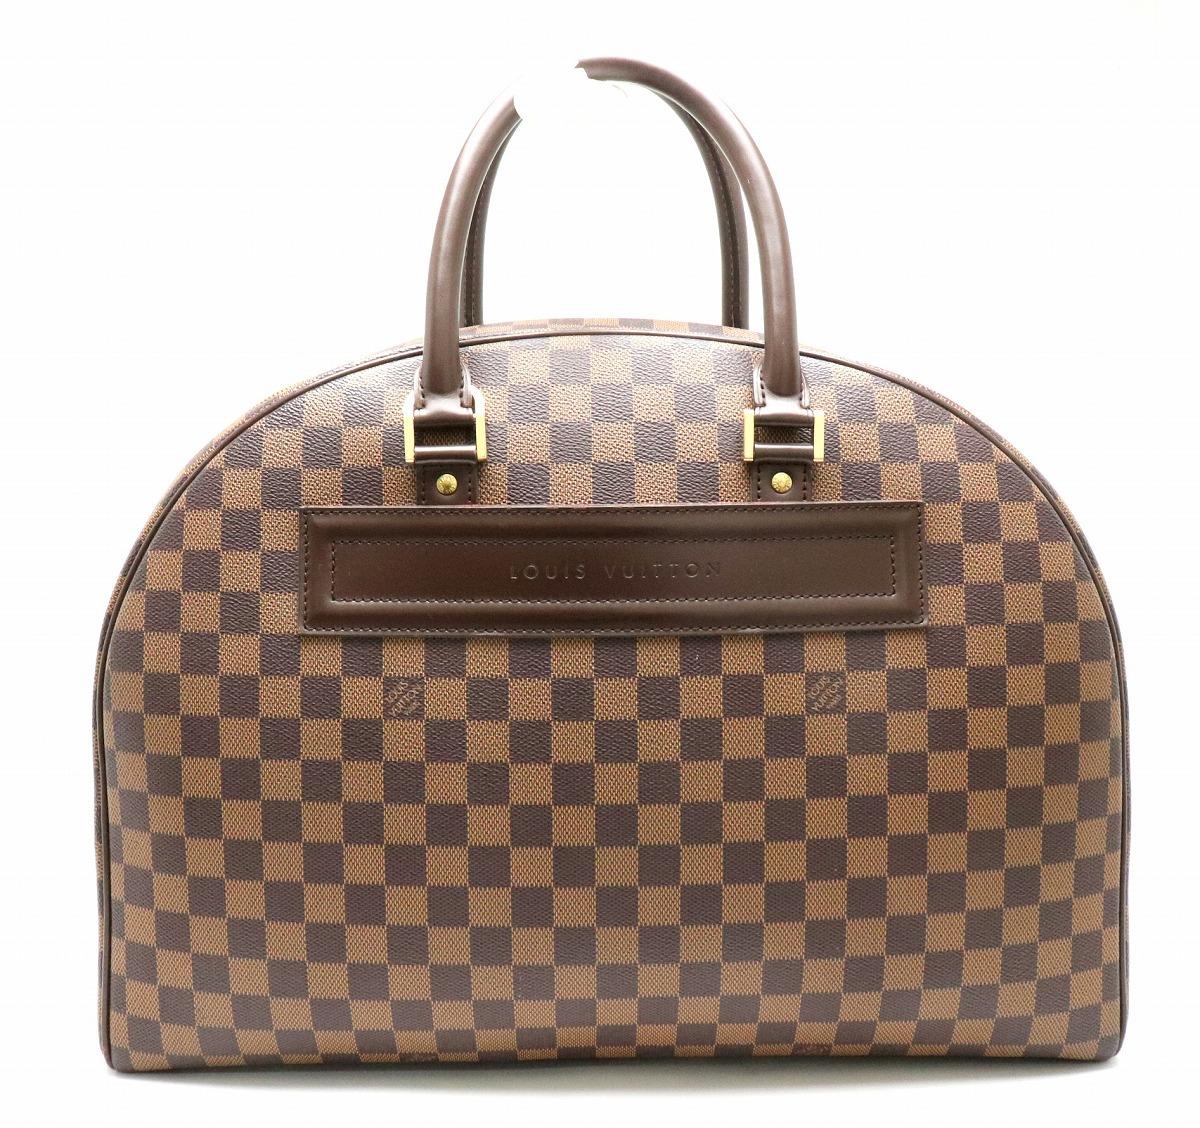 【バッグ】LOUIS VUITTON ルイ ヴィトン ダミエ ノリータ24 ハンドバッグ N41454 【中古】【k】